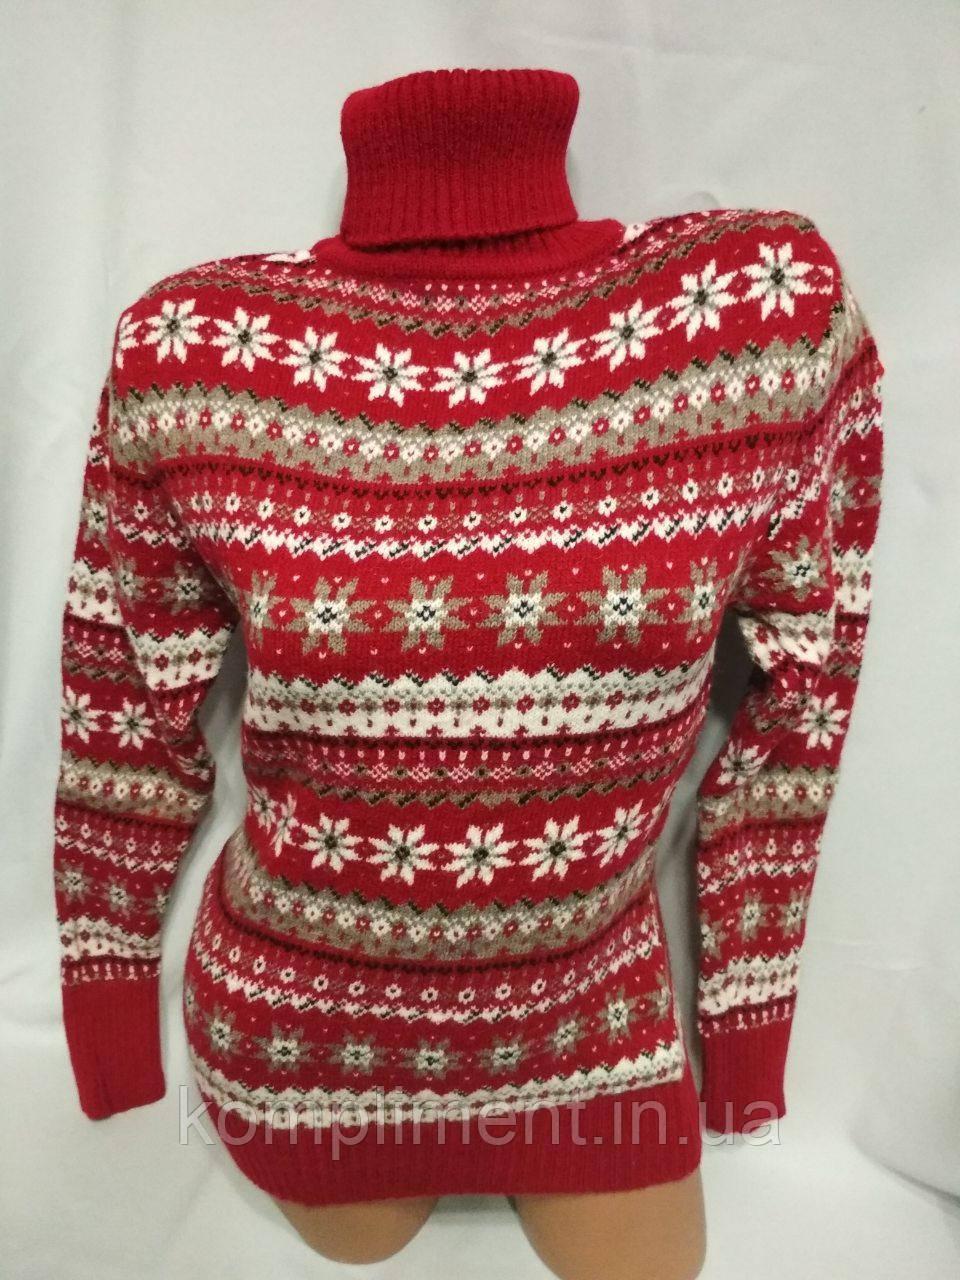 Жіночий новорічний в'язаний светр під горло зі сніжинками, червоний.Туреччина.